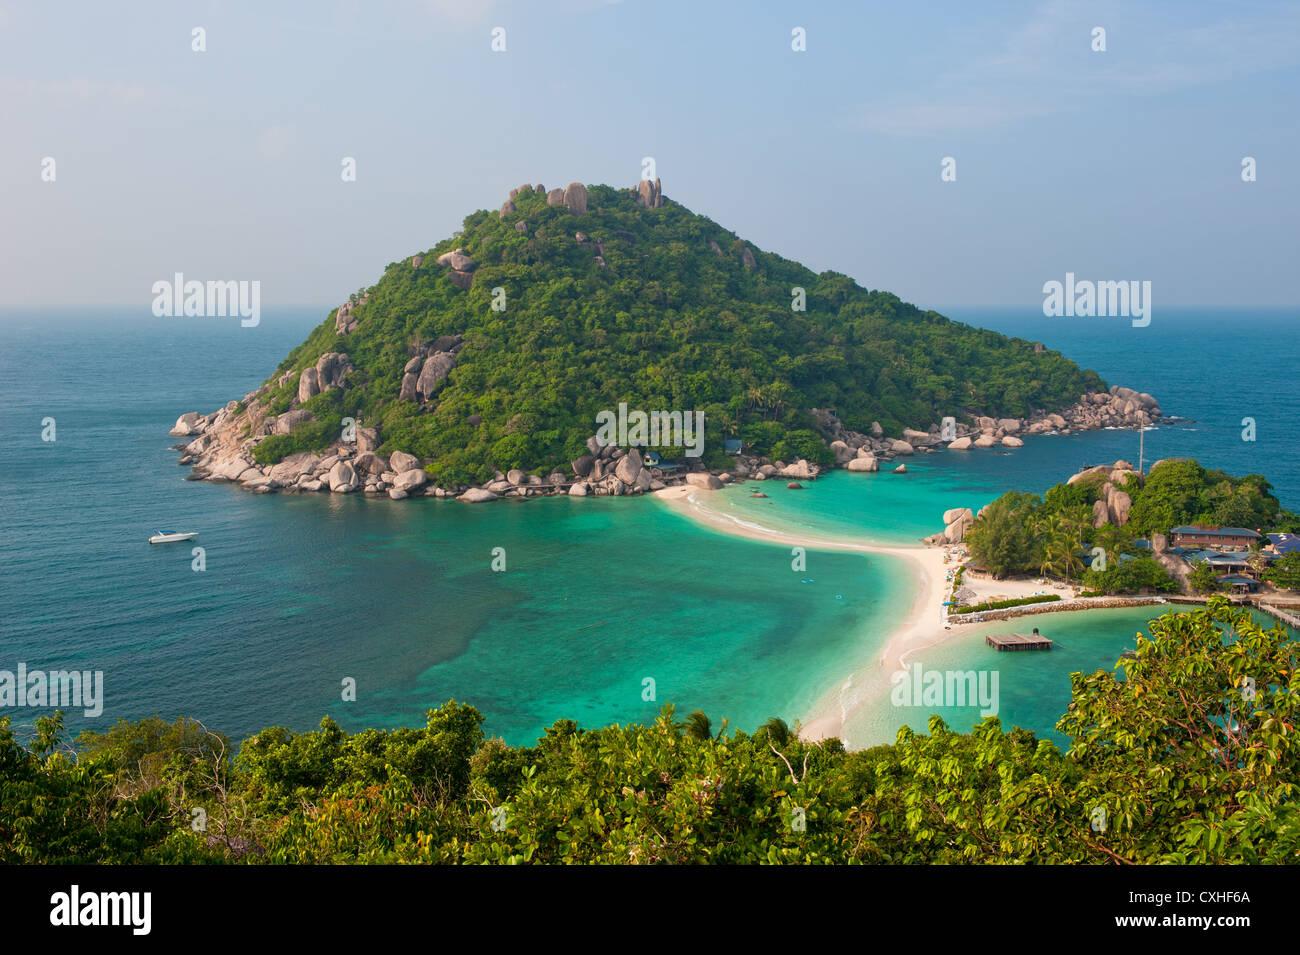 Nang Yuan Island, Koh Tao, Thailand - Stock Image